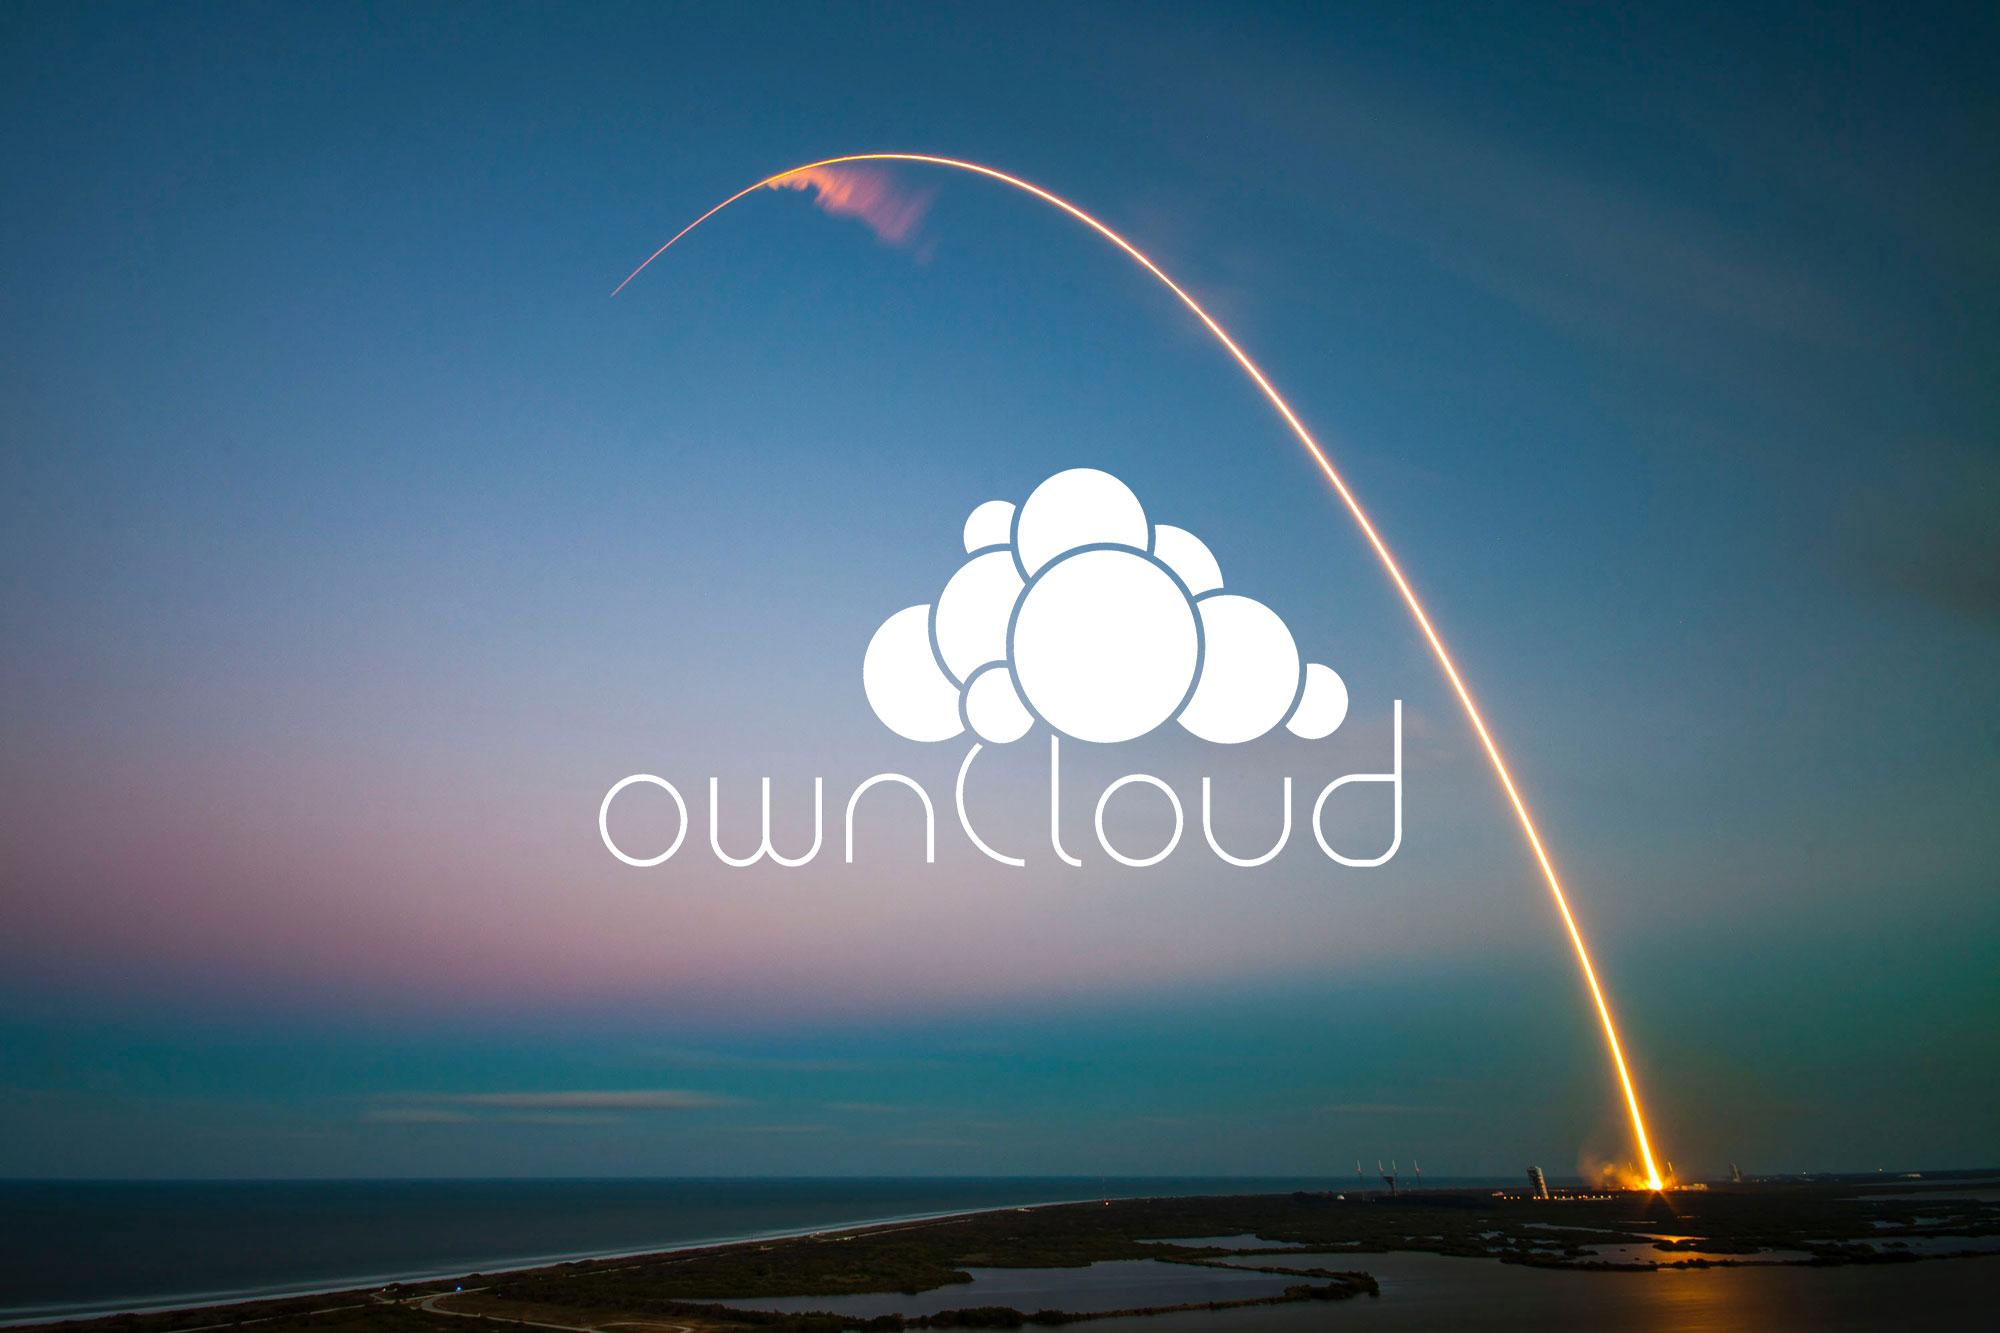 Hướng dẫn cài đặt OwnCloud trên Ubuntu 18.04